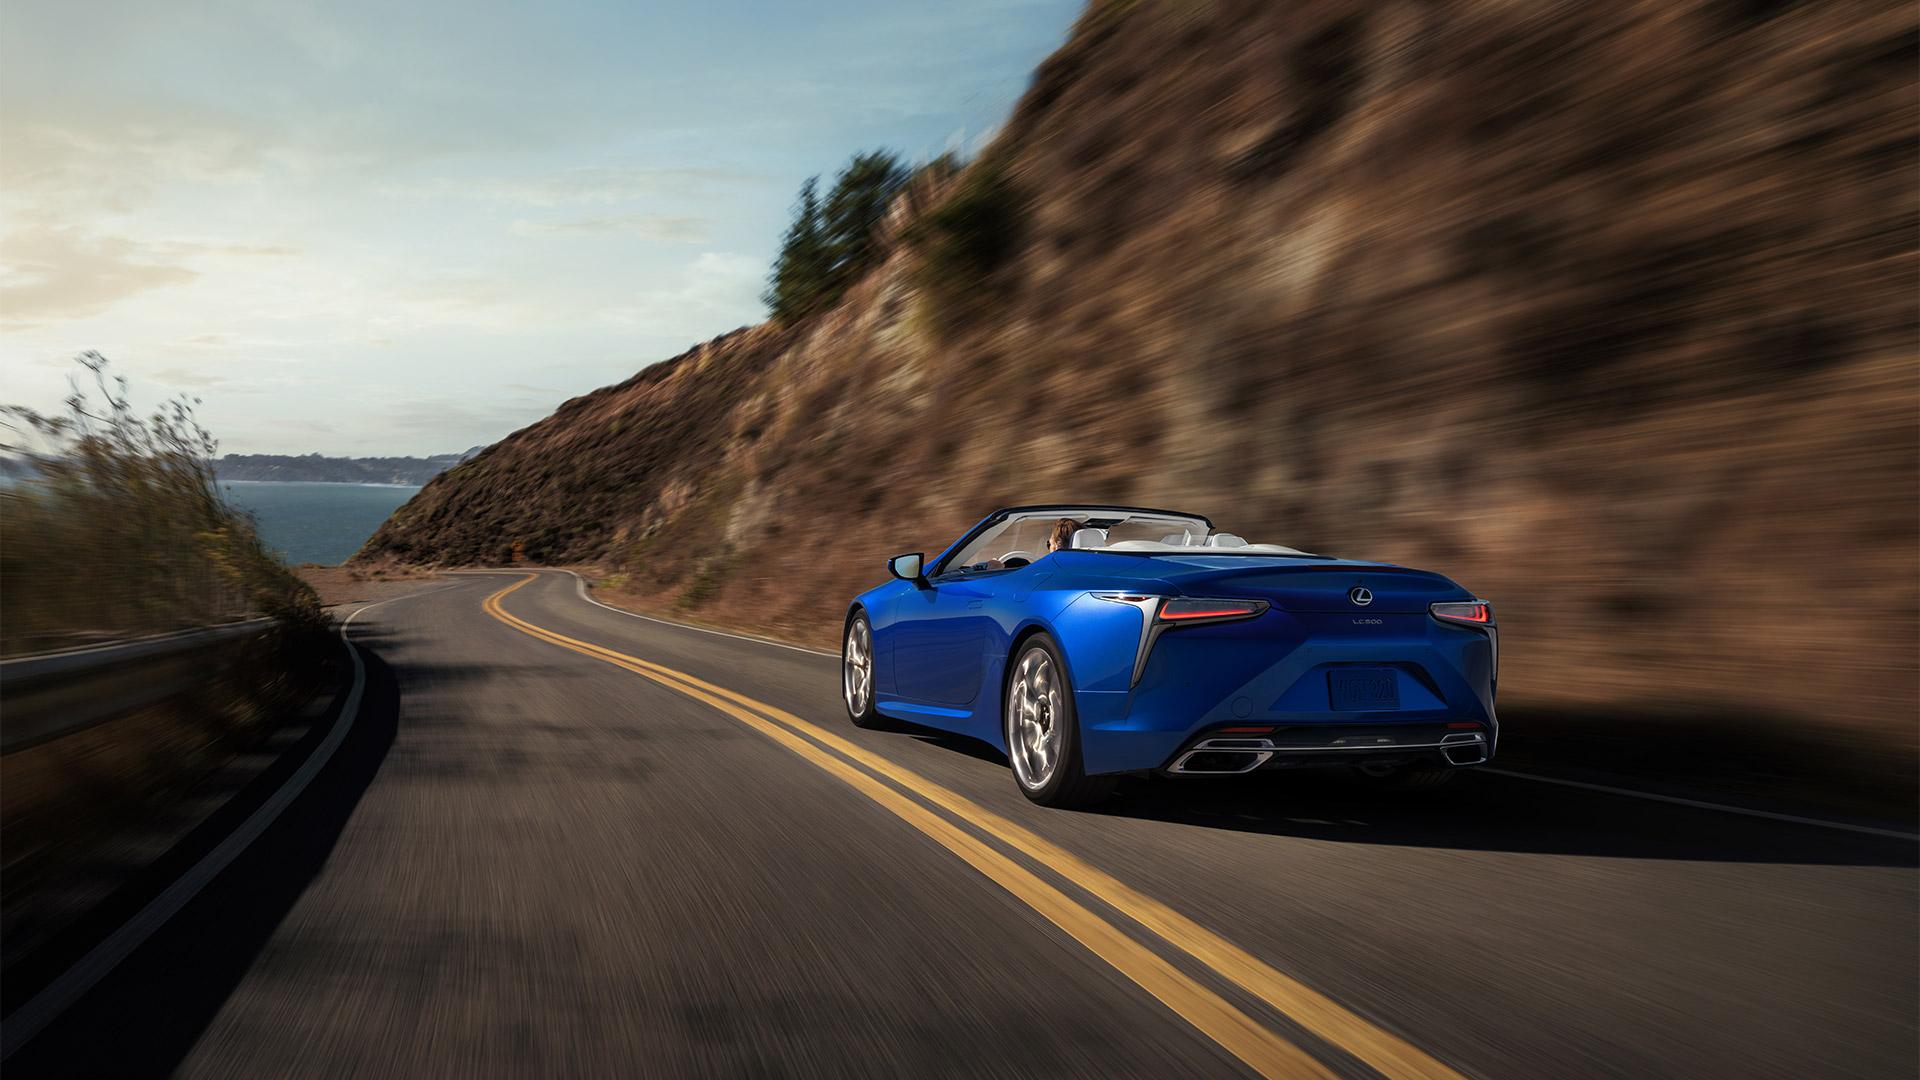 15 2019 027 nieuwe Lexus LC 500 Convertible 1920x1080 galerij